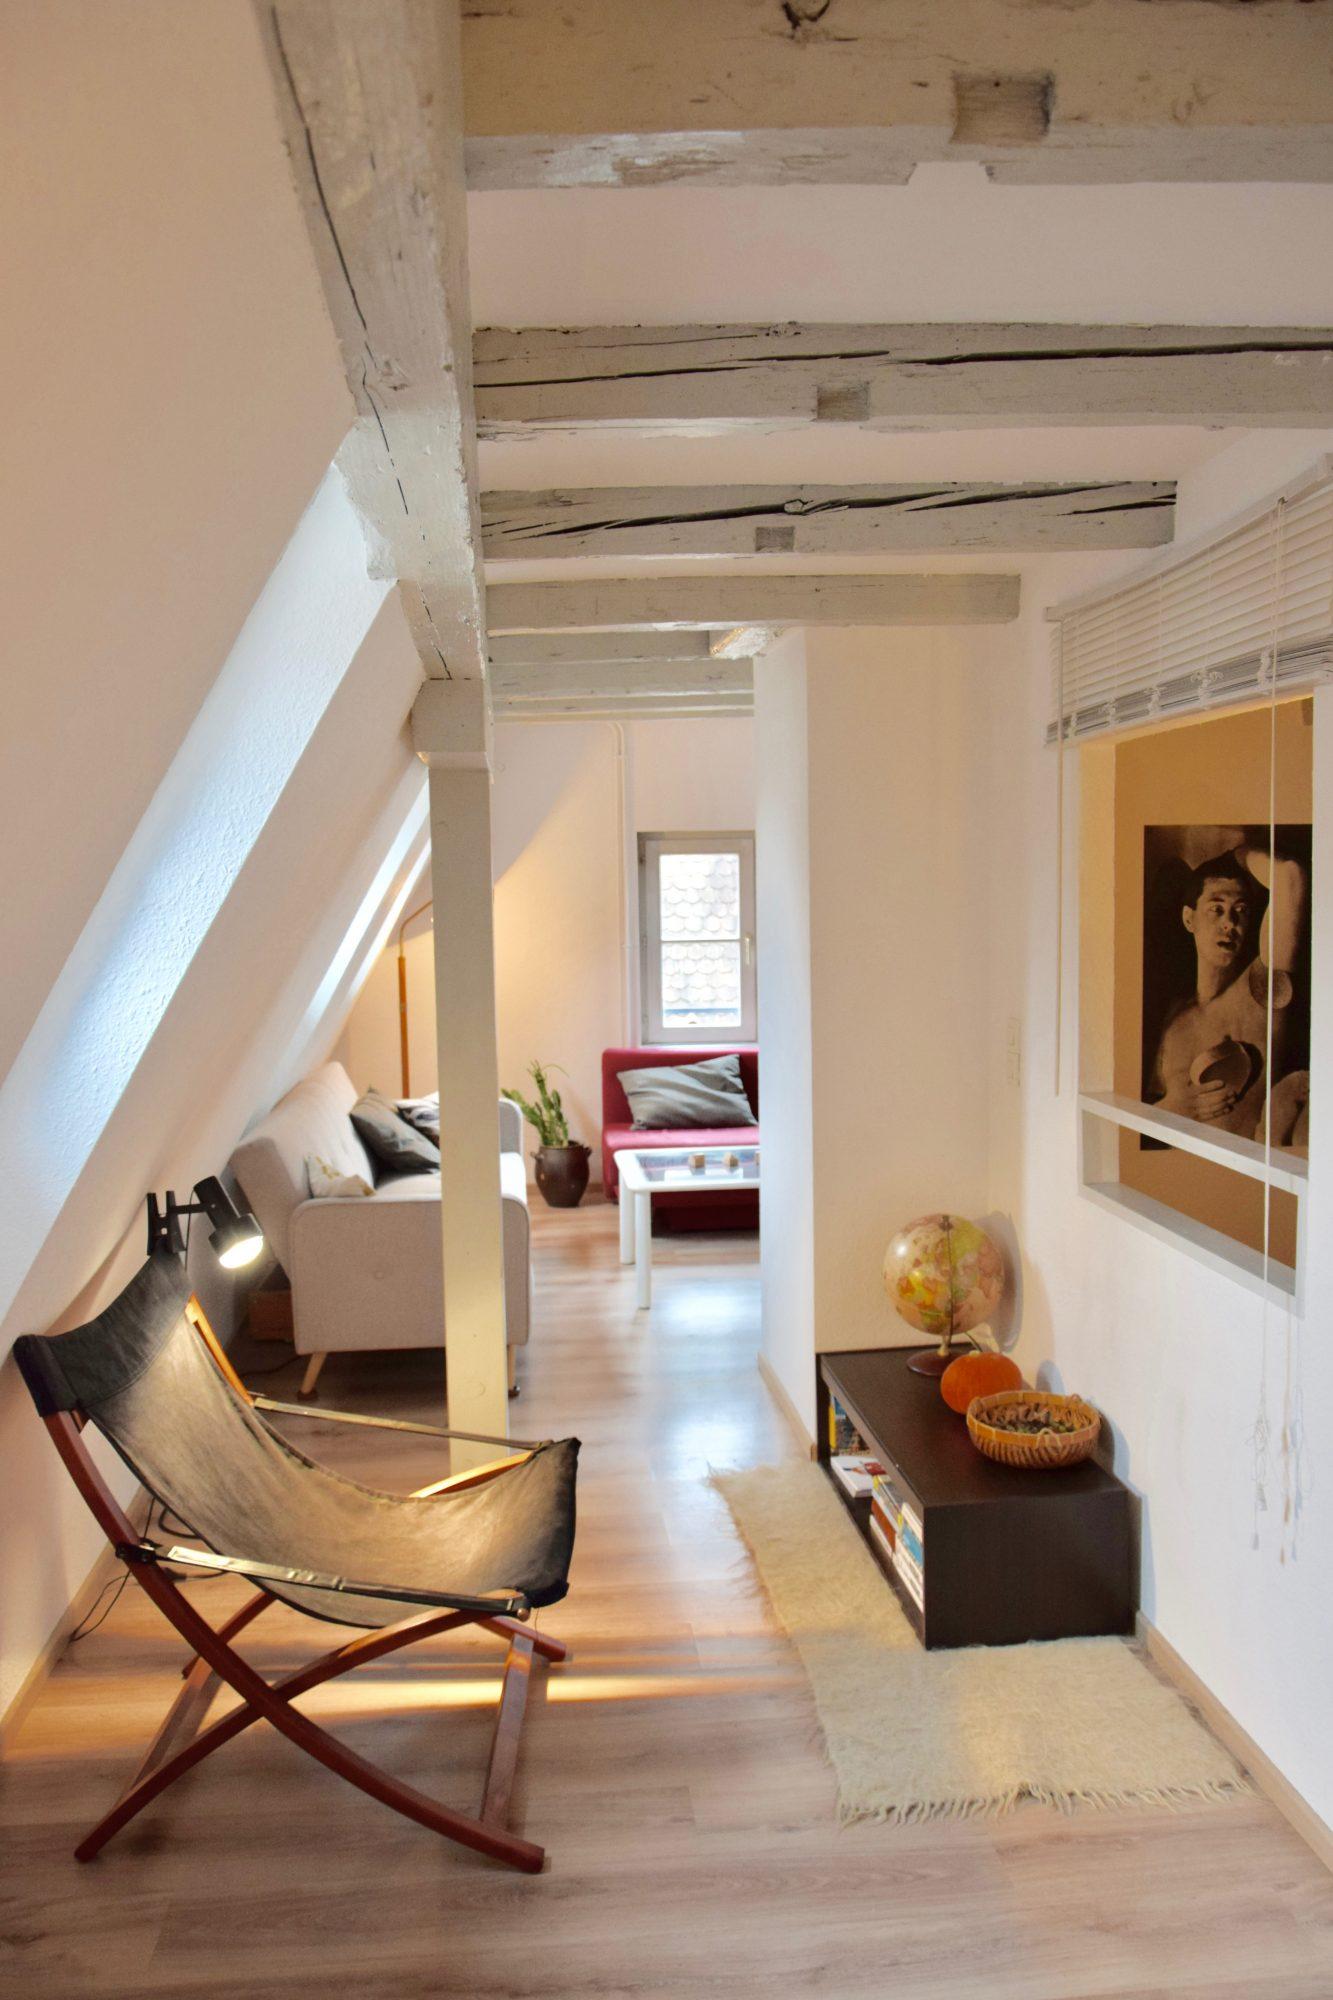 3 PIECES EN DUPLEX GRANDE ÎLE - Devenez locataire en toute sérénité - Bintz Immobilier - 2